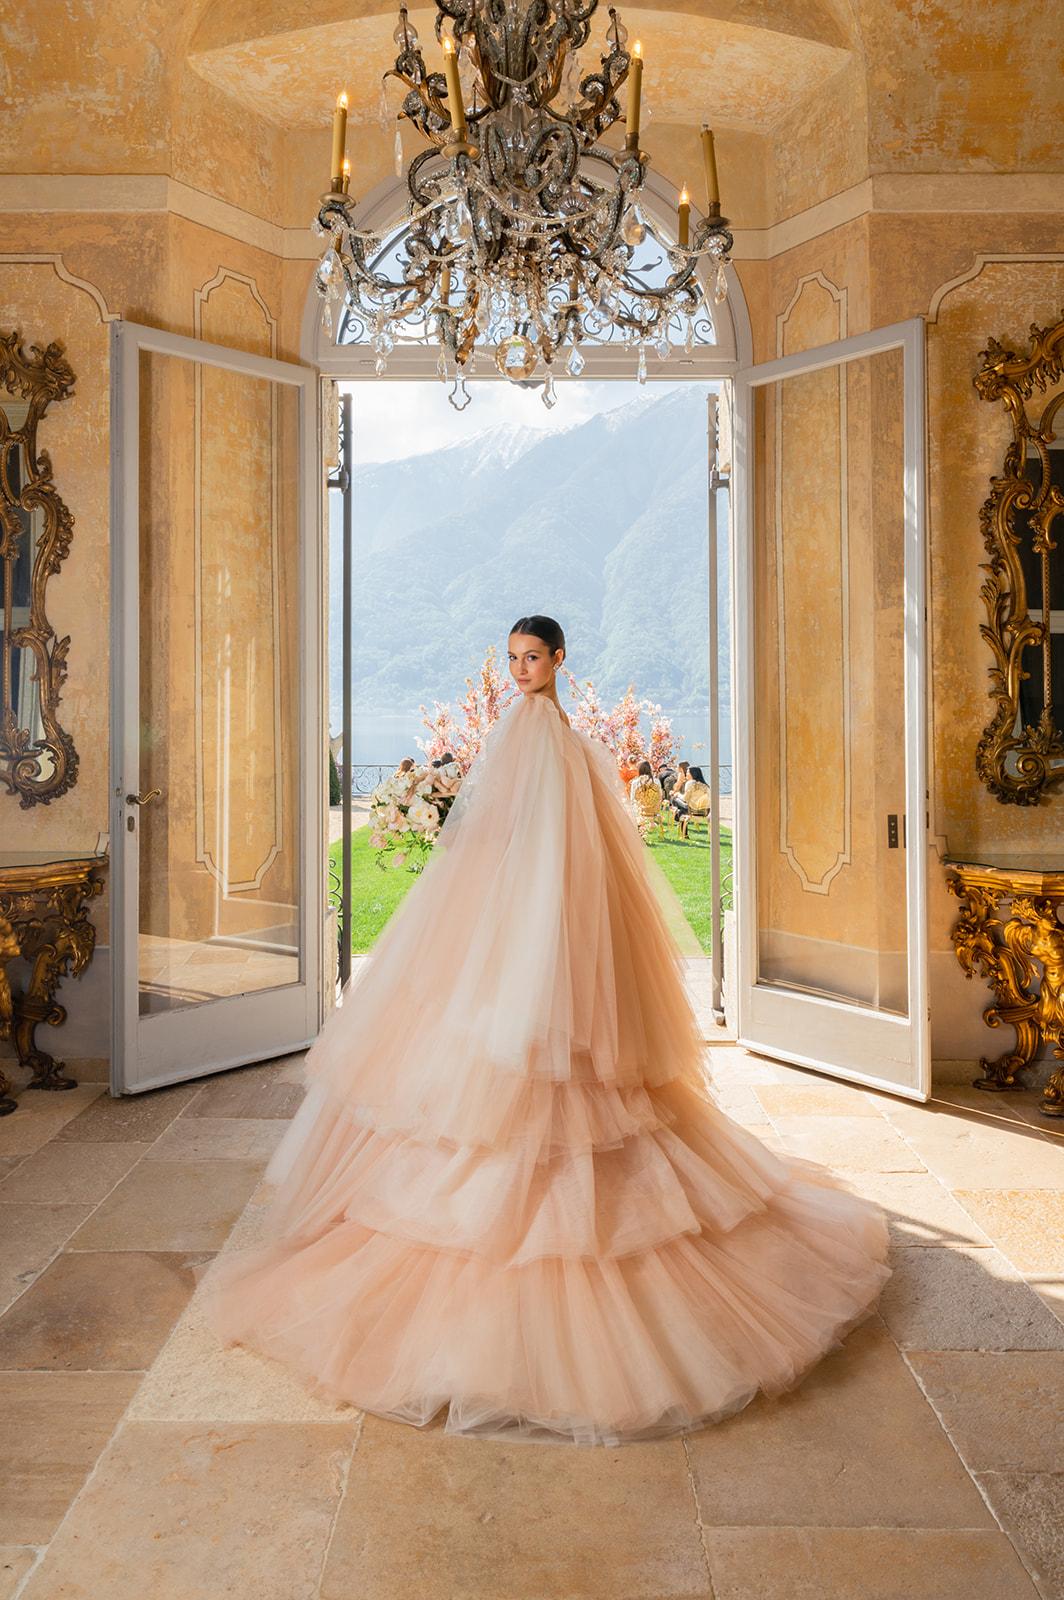 Villa Balbiano on Lake Como, for a high-end luxury destination wedding